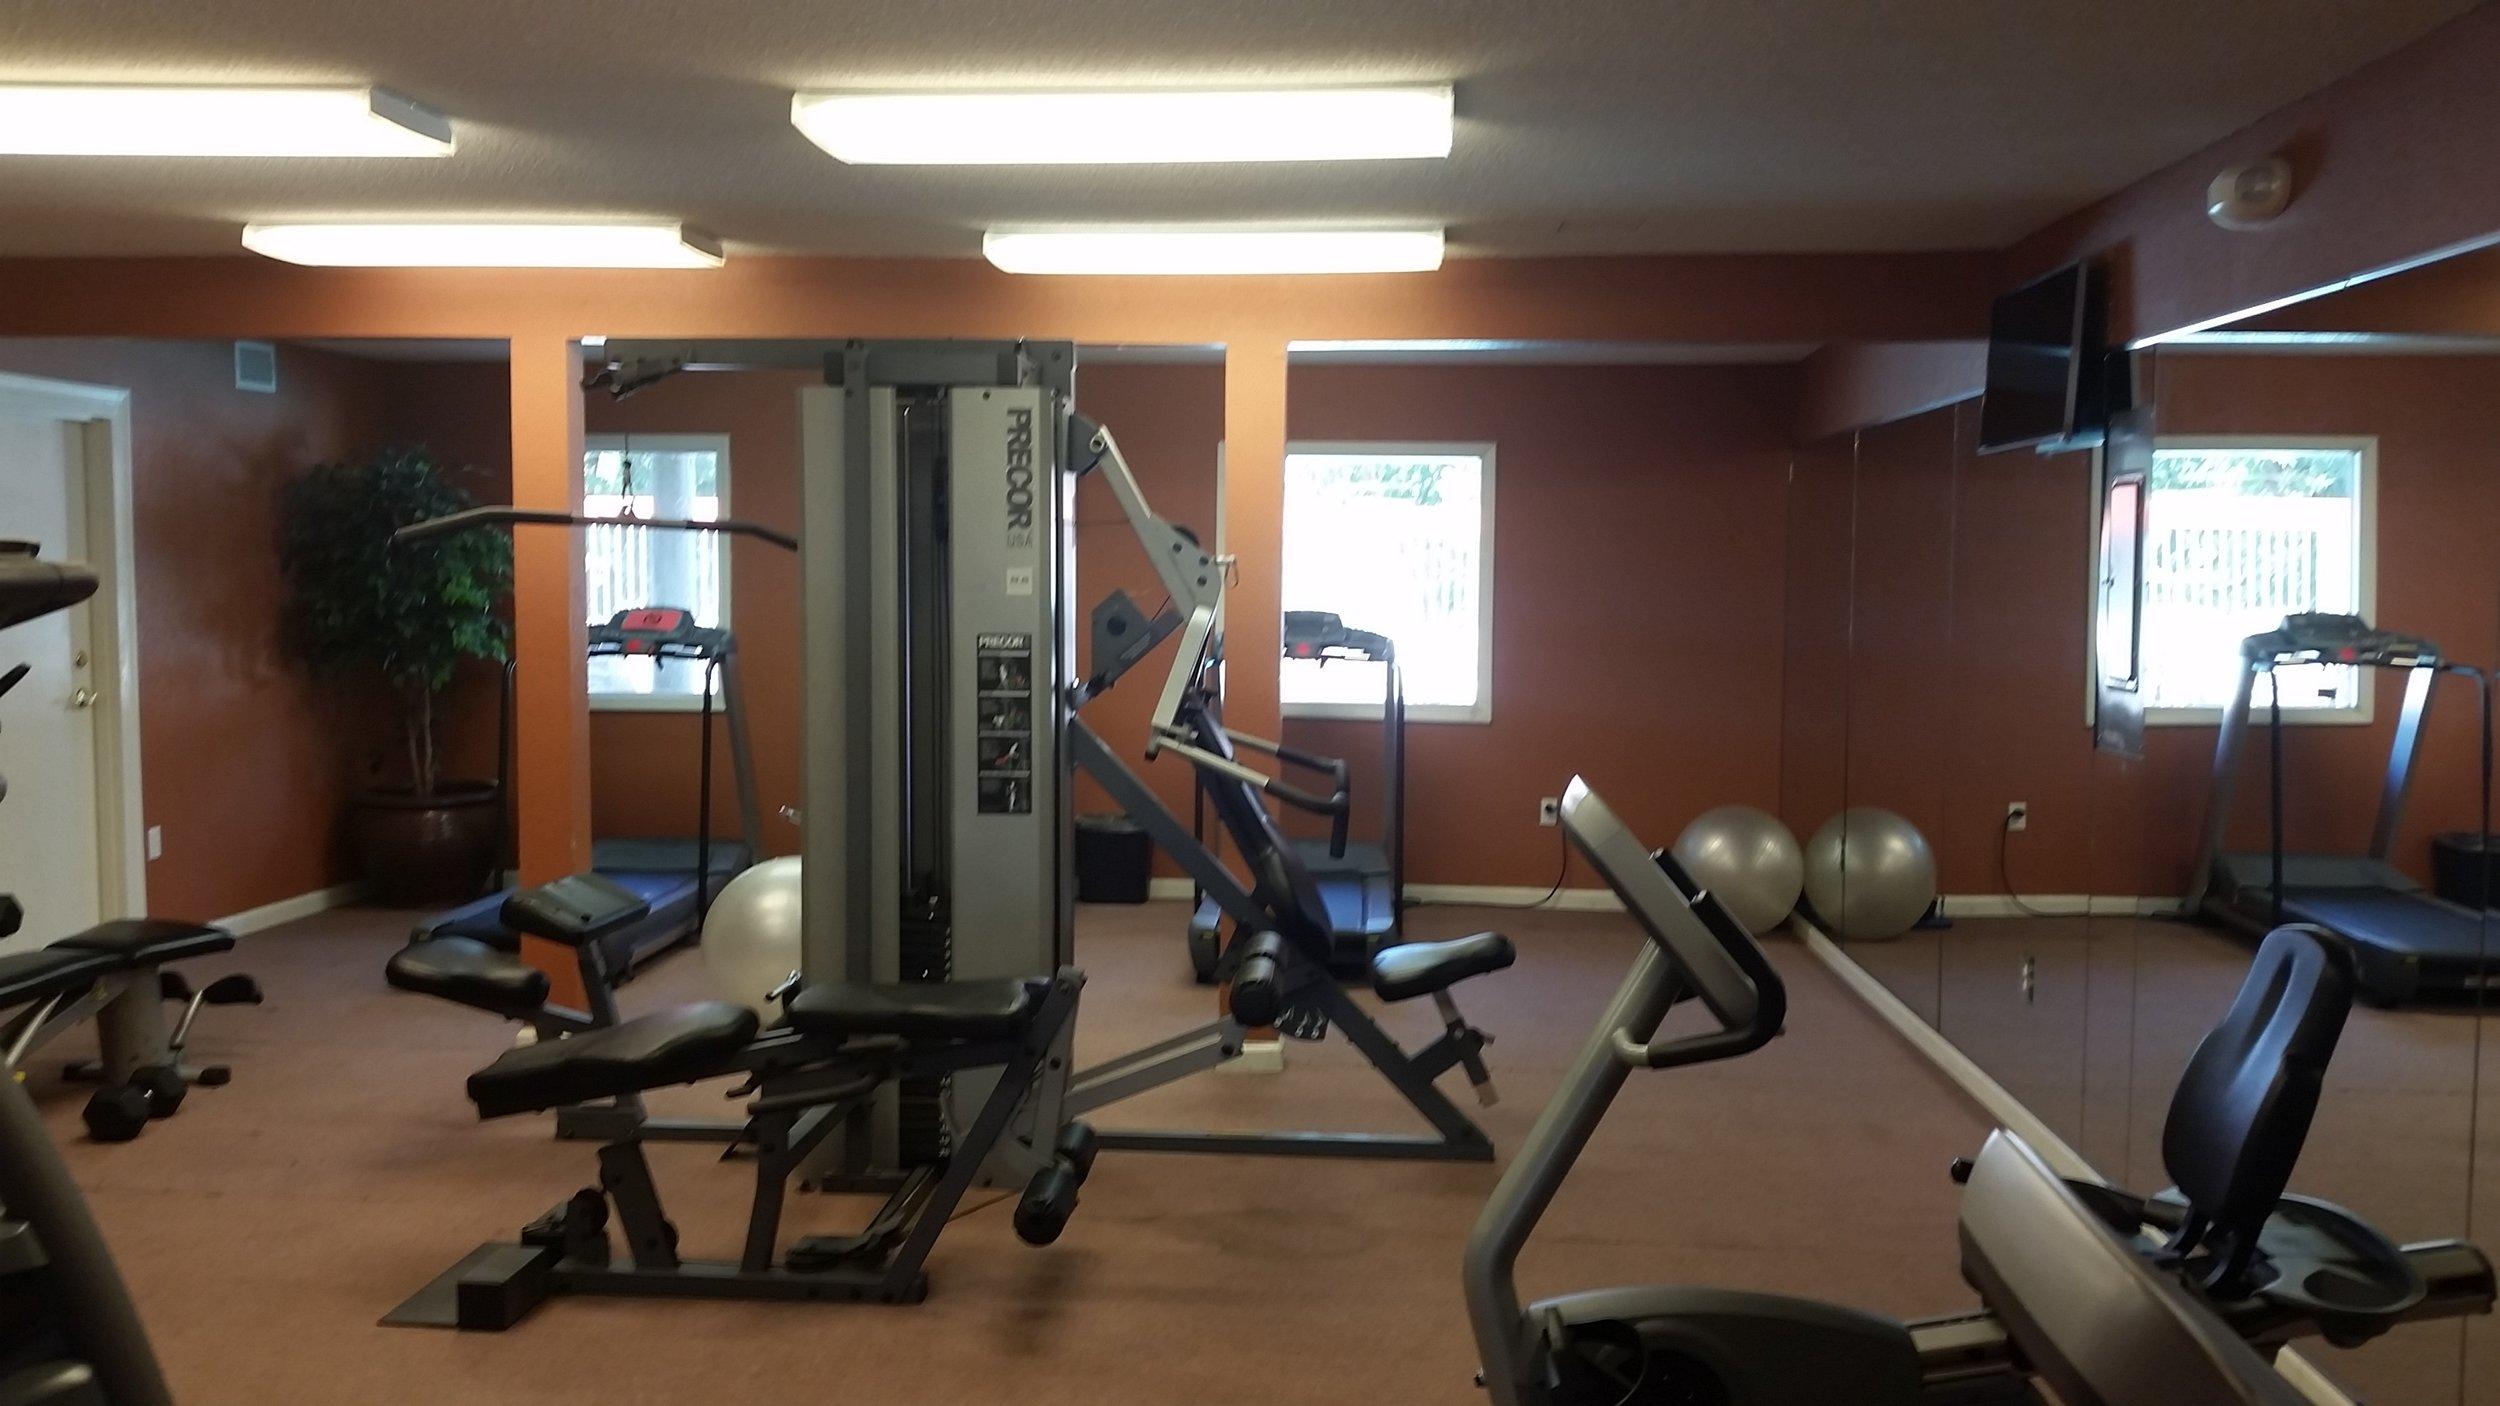 Water_s Edge Fitness Center.jpg